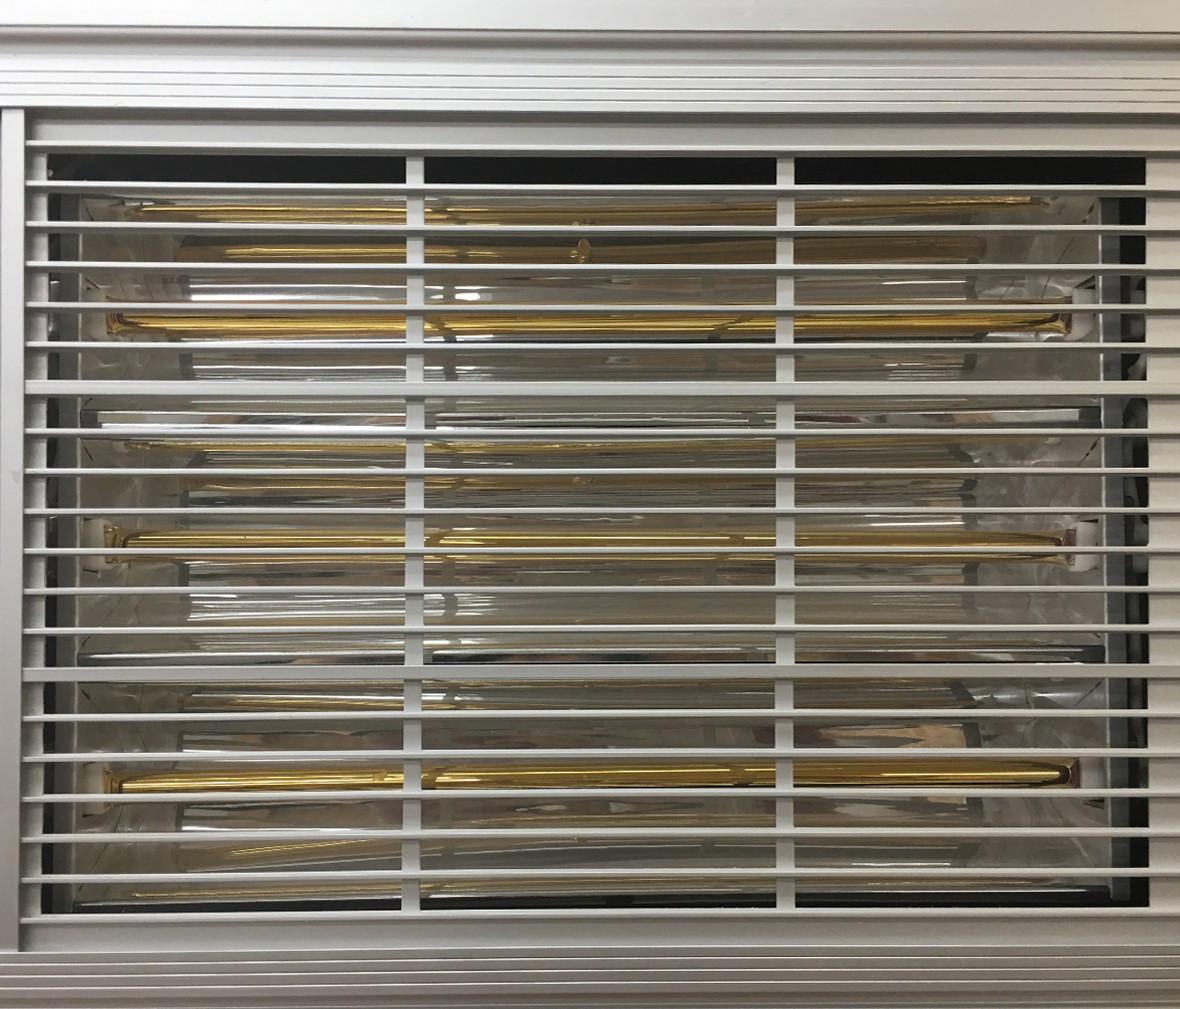 欧普吊顶 F18型号光波三合一灯暖浴霸 集成吊顶 600*300mm 细节展示